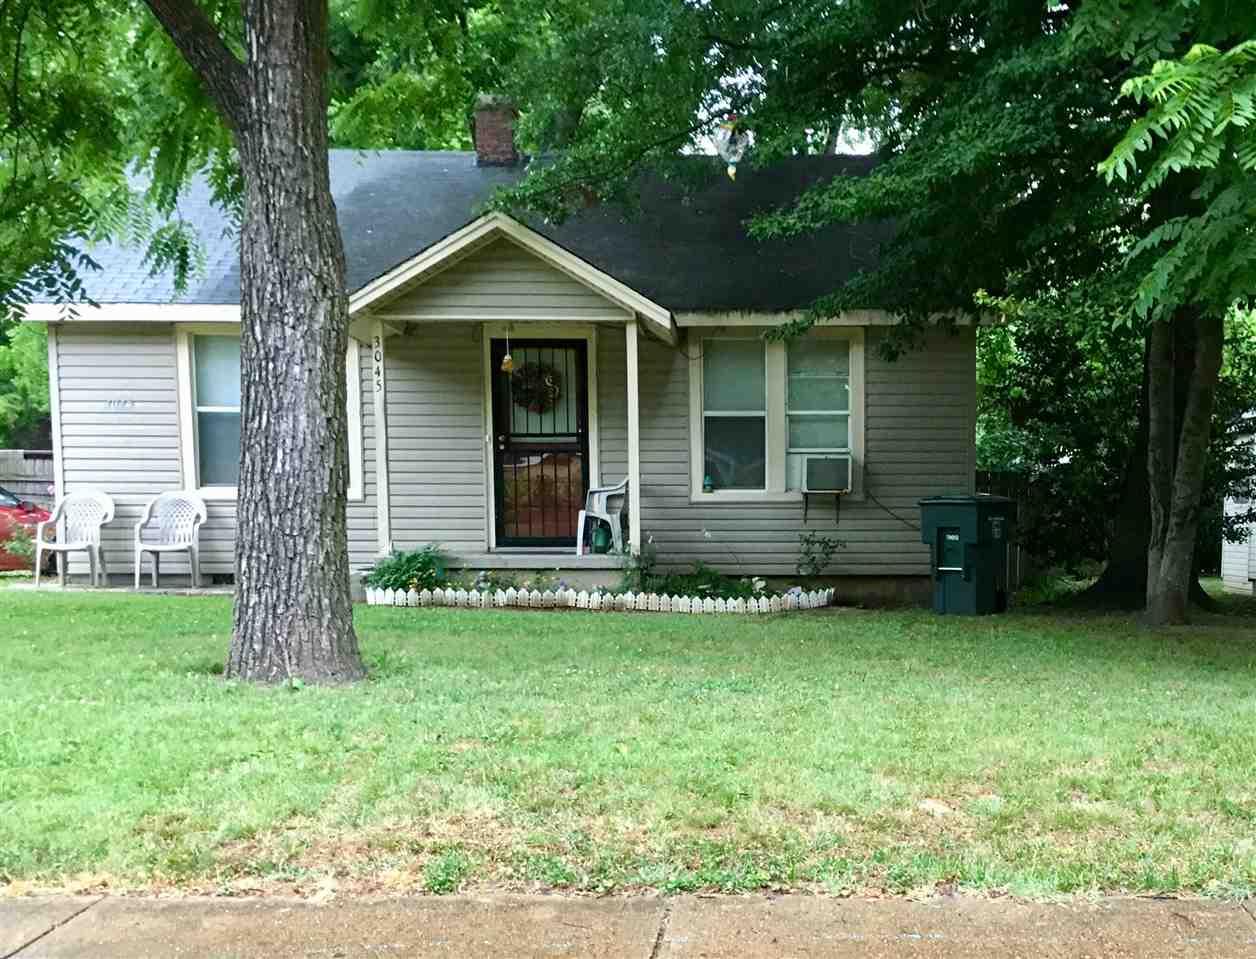 3045 Sunrise Memphis, TN 38127 - MLS #: 10005022